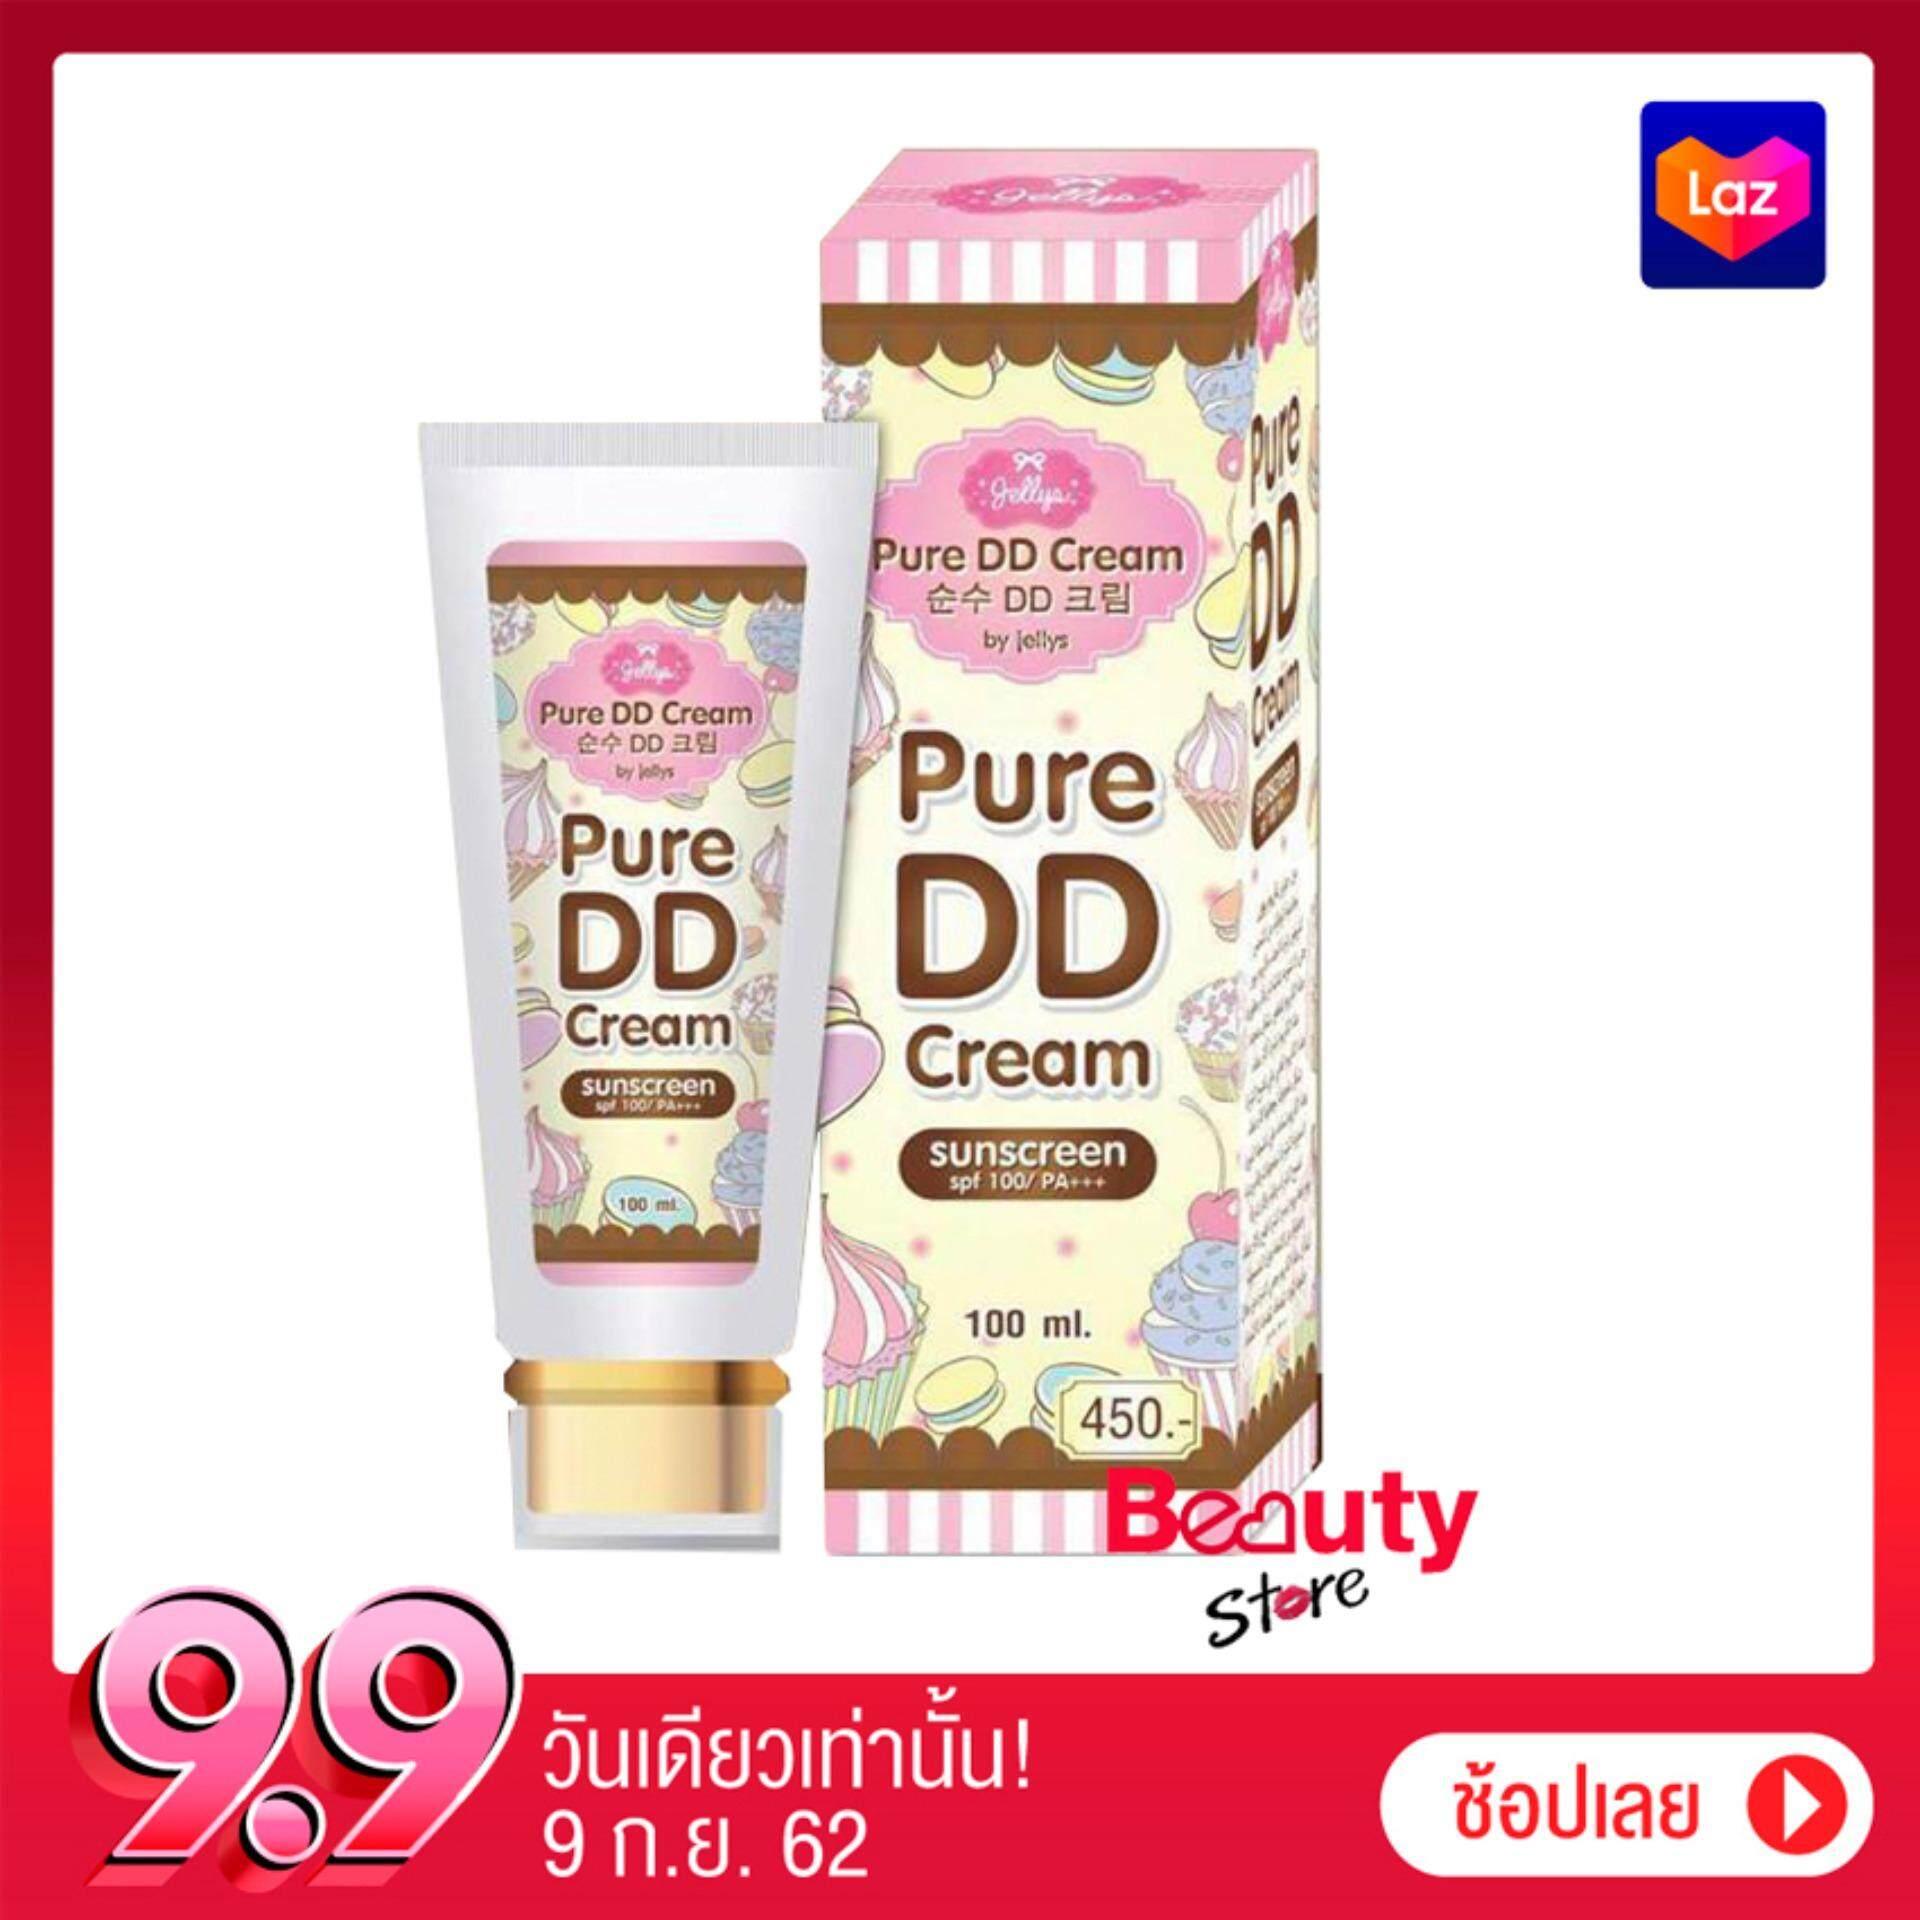 Jellys DD cream SPF100 Pa+++ ดีดีครีมเจลลี่ ดีดีครีมกันแดดเจลลี่ เจลลี่ดีดีครีม ครีมปรับสีผิว ครีมกันแดดกันน้ำ หลอดละ 100 กรัม Beauty Store